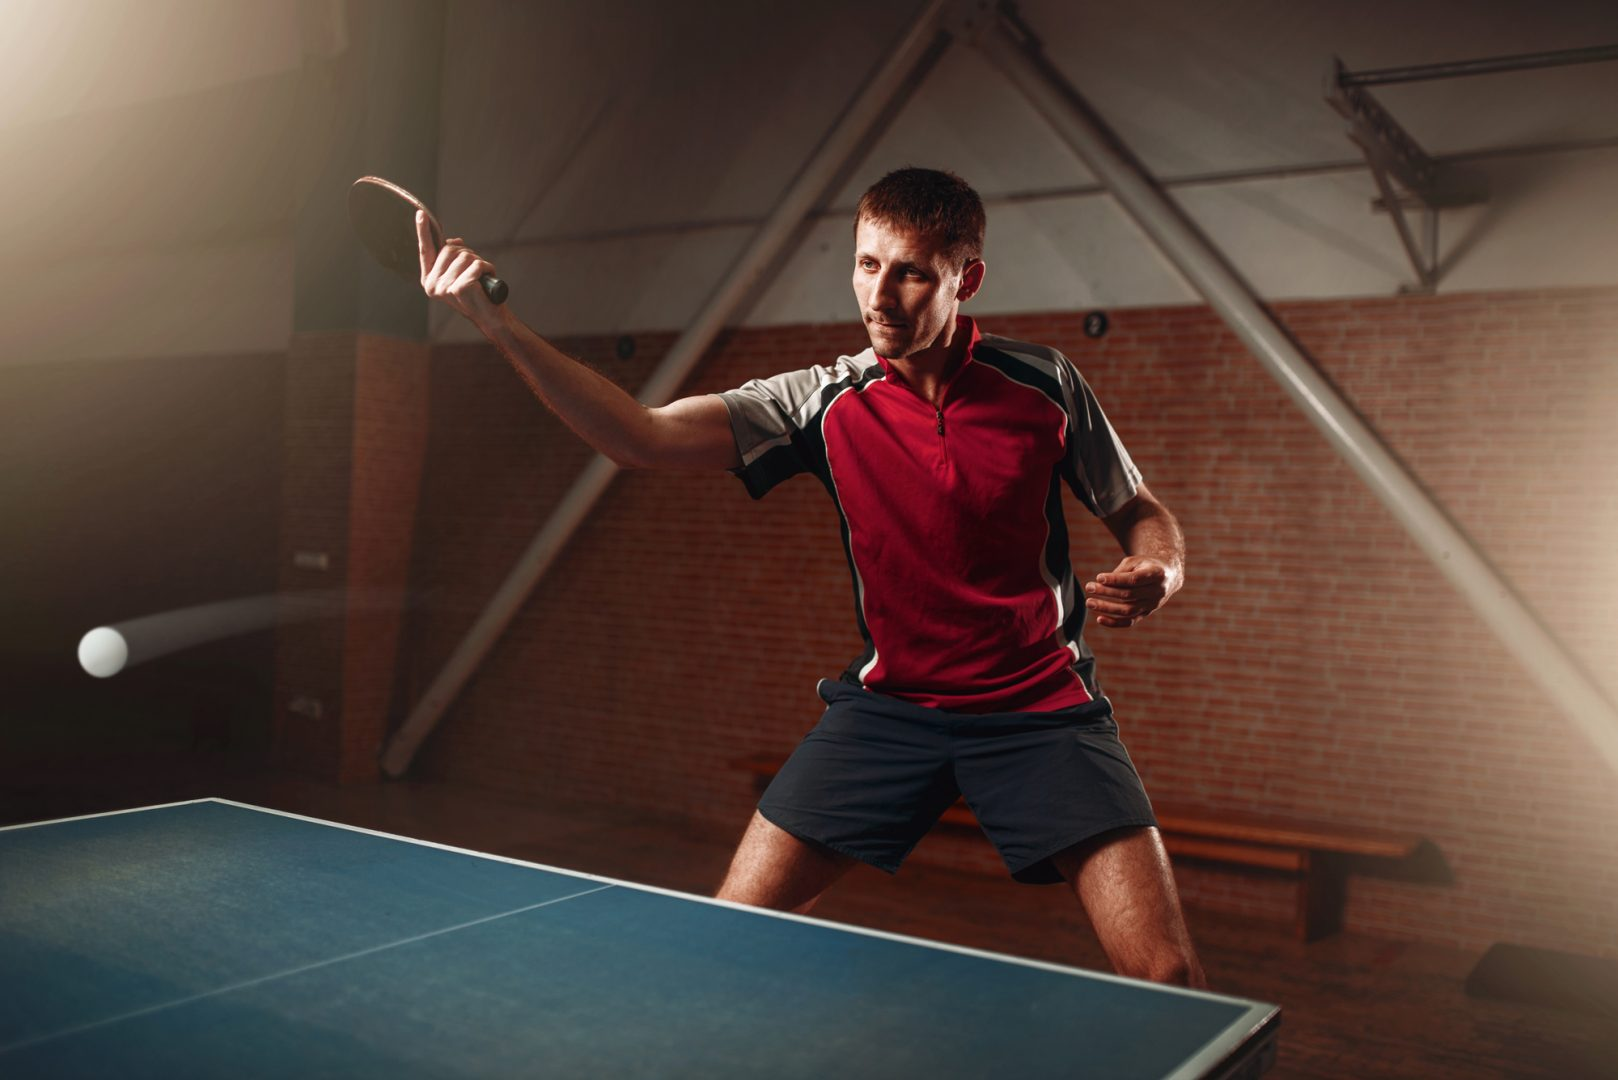 現代卓球の要・バックハンドドライブで得点力を高めよう 練習方法と5つのコツをご紹介